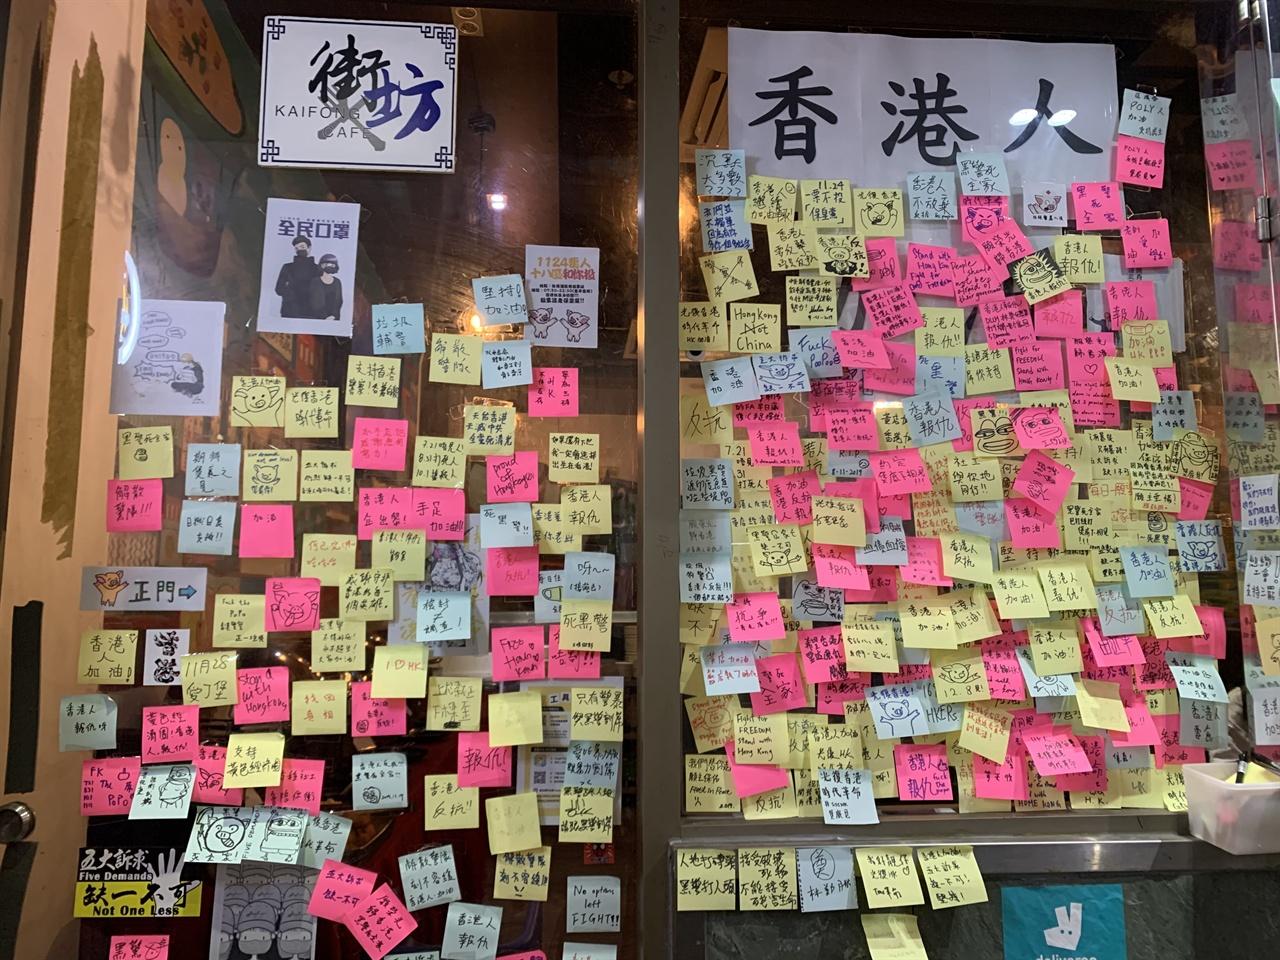 시위를 지지하는 식당의 외벽에는 쪽지가 가득하다.